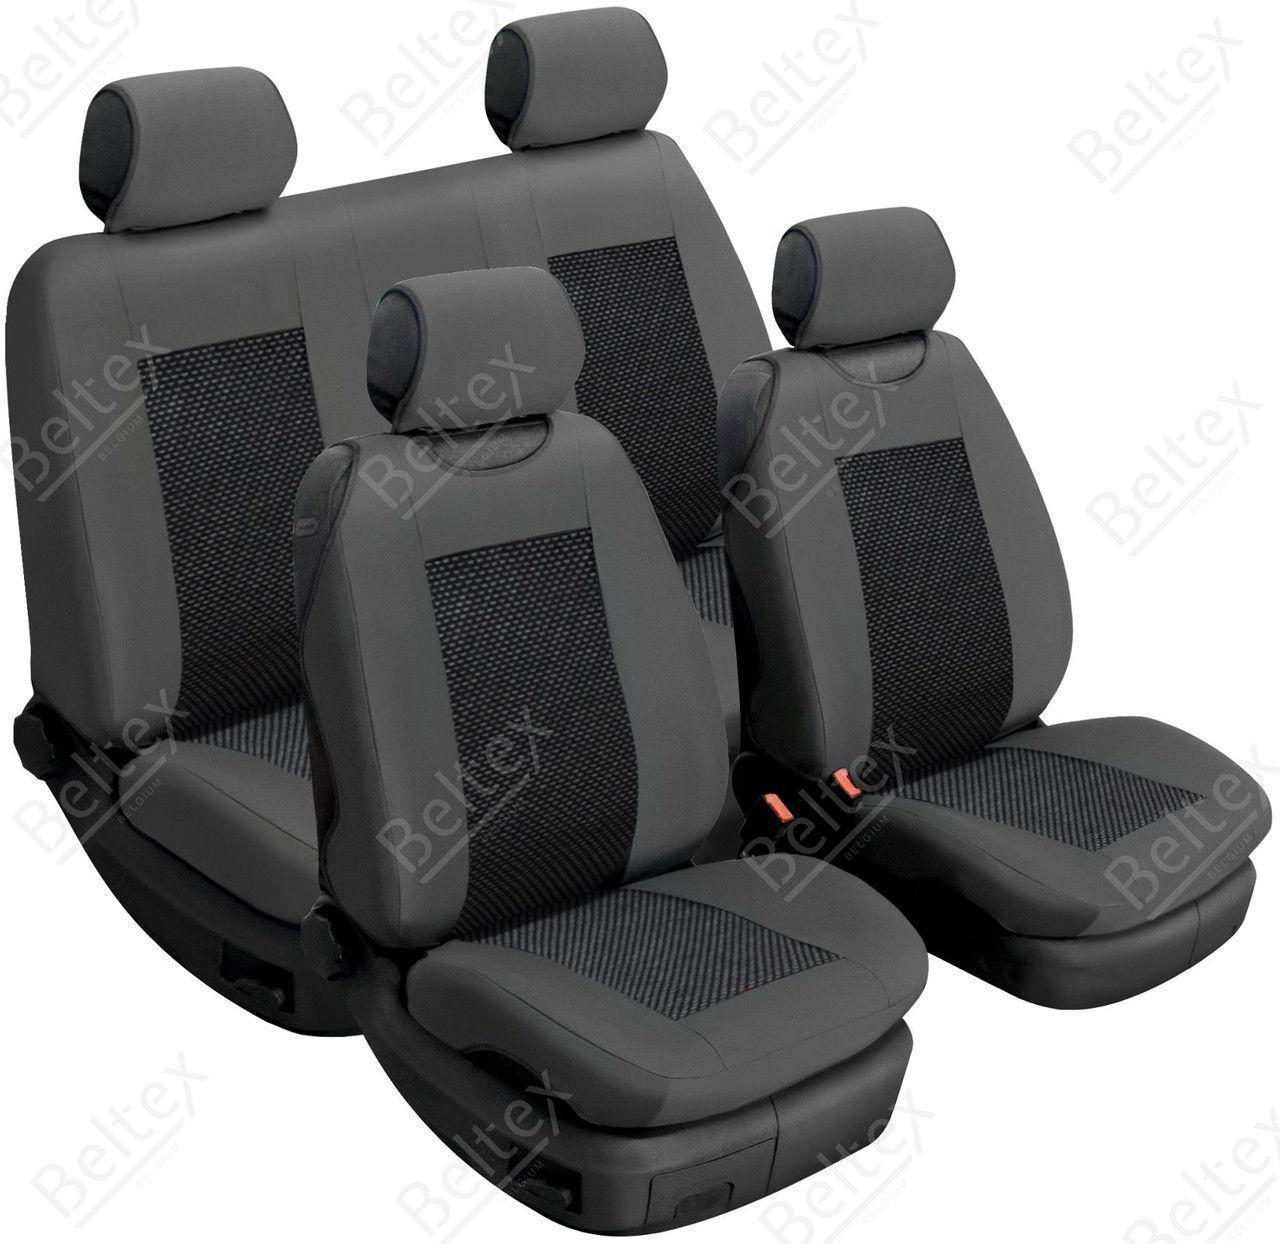 Майки/чехлы на сиденья Рено Колеос (Renault Koleos)